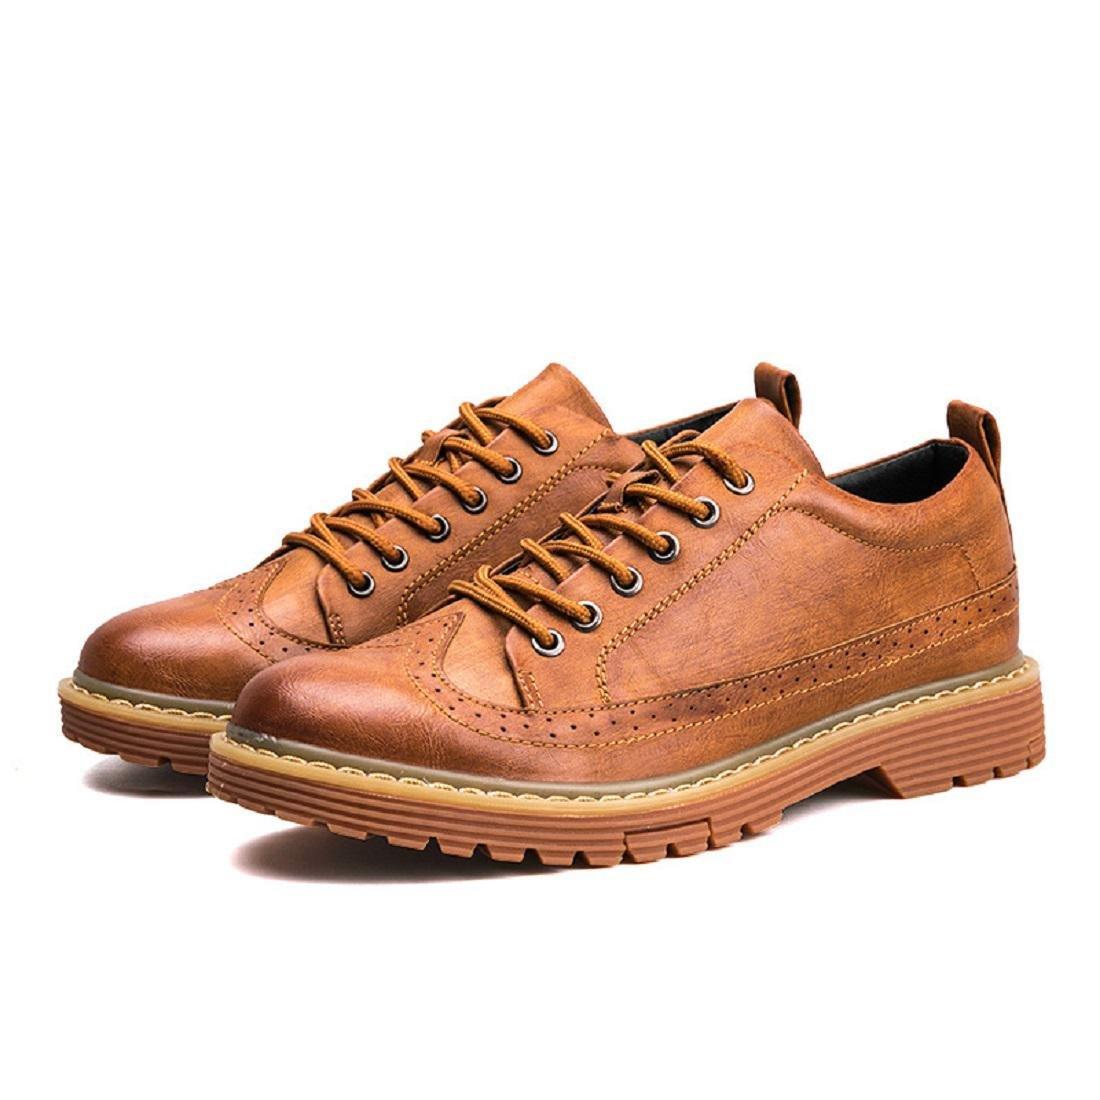 Uomo Il nuovo Moda Tempo libero scarpe di pelle Scarpe da lavoro Attività commerciale Scarpe casual Fondo spesso Scarpe antiscivolo euro DIMENSIONE 39-44 , Black , 43